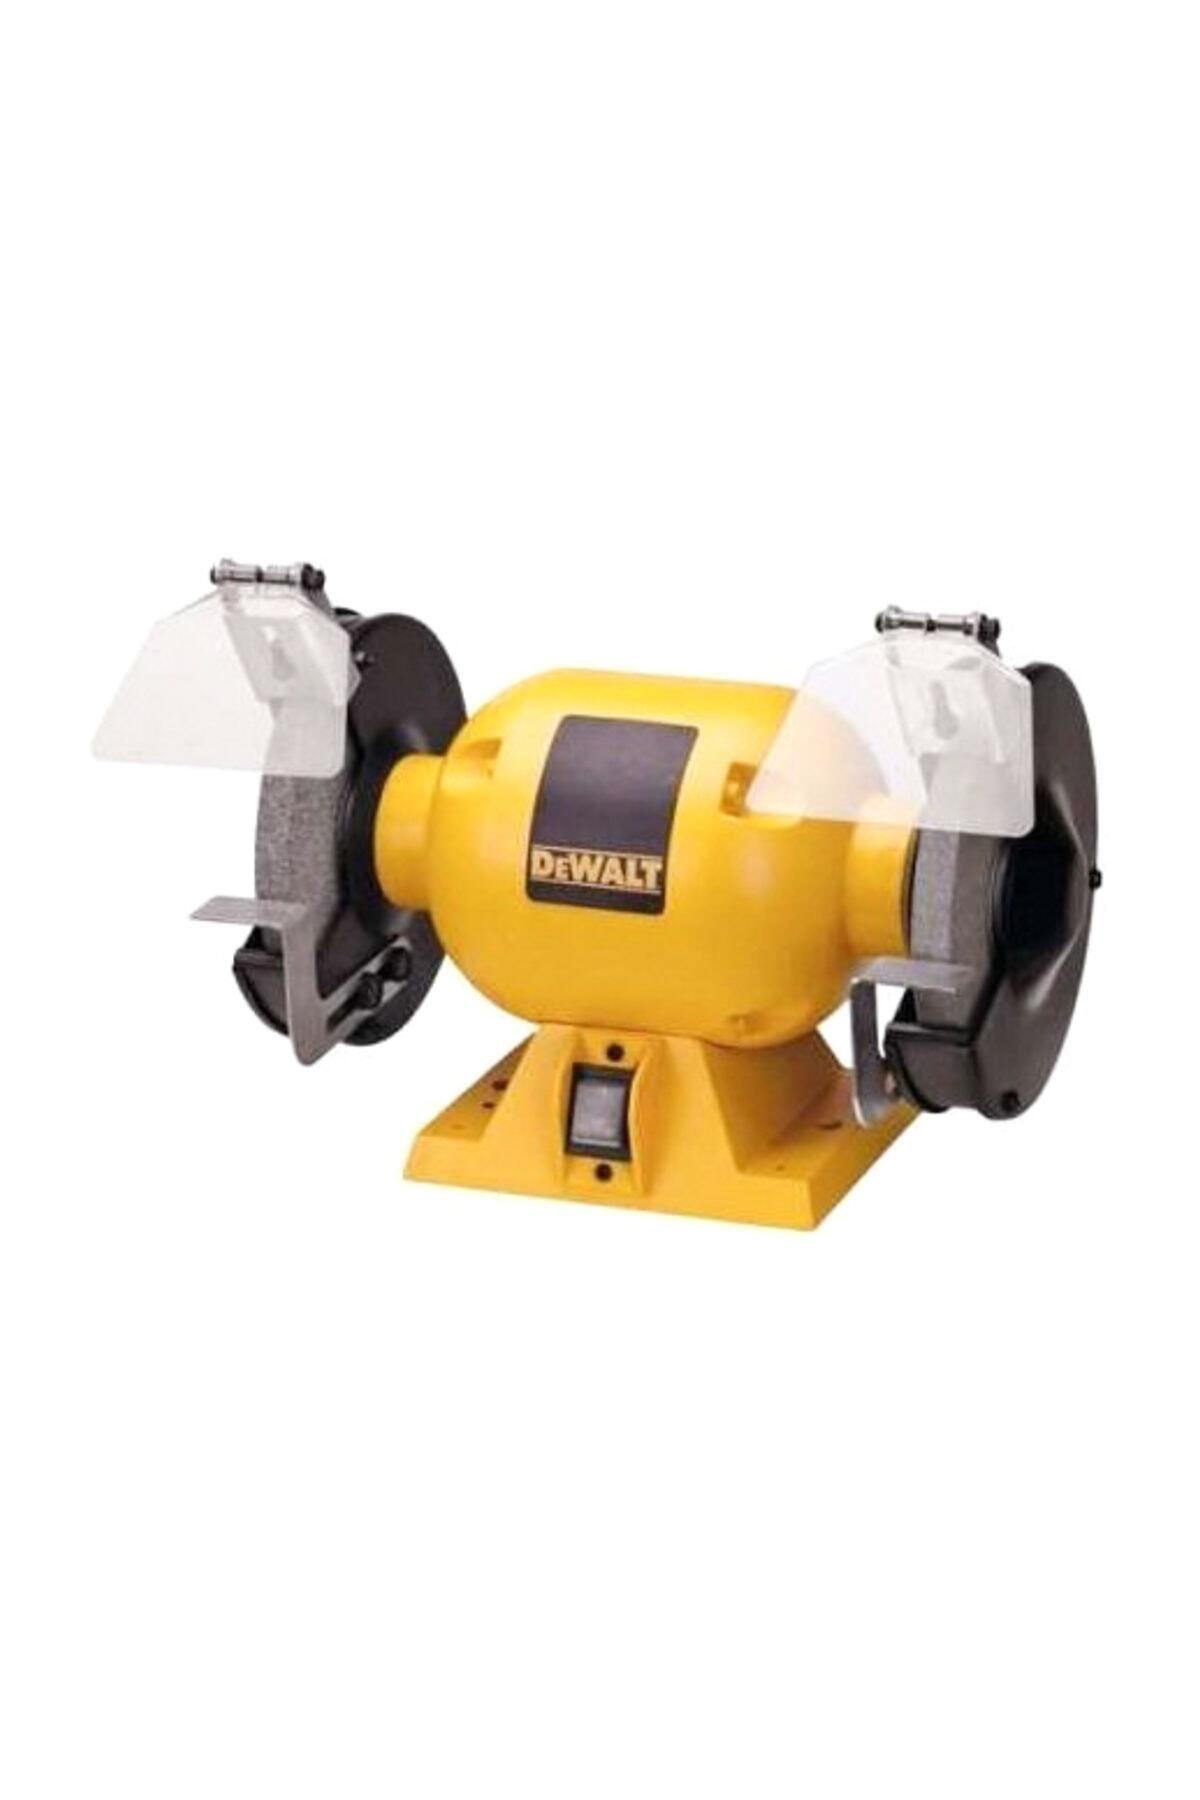 Dewalt Dw752r Taş Motoru 373 Watt 152 Mm 2